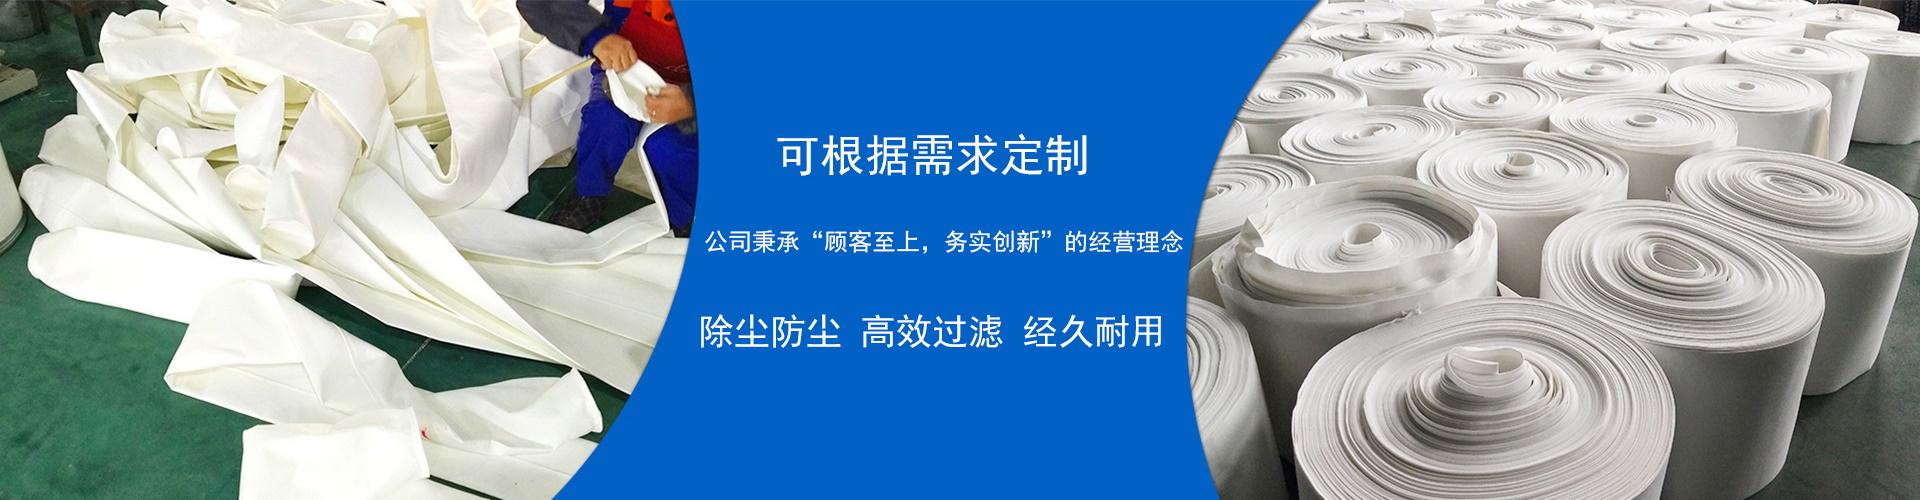 江苏森特环保材料有限公司